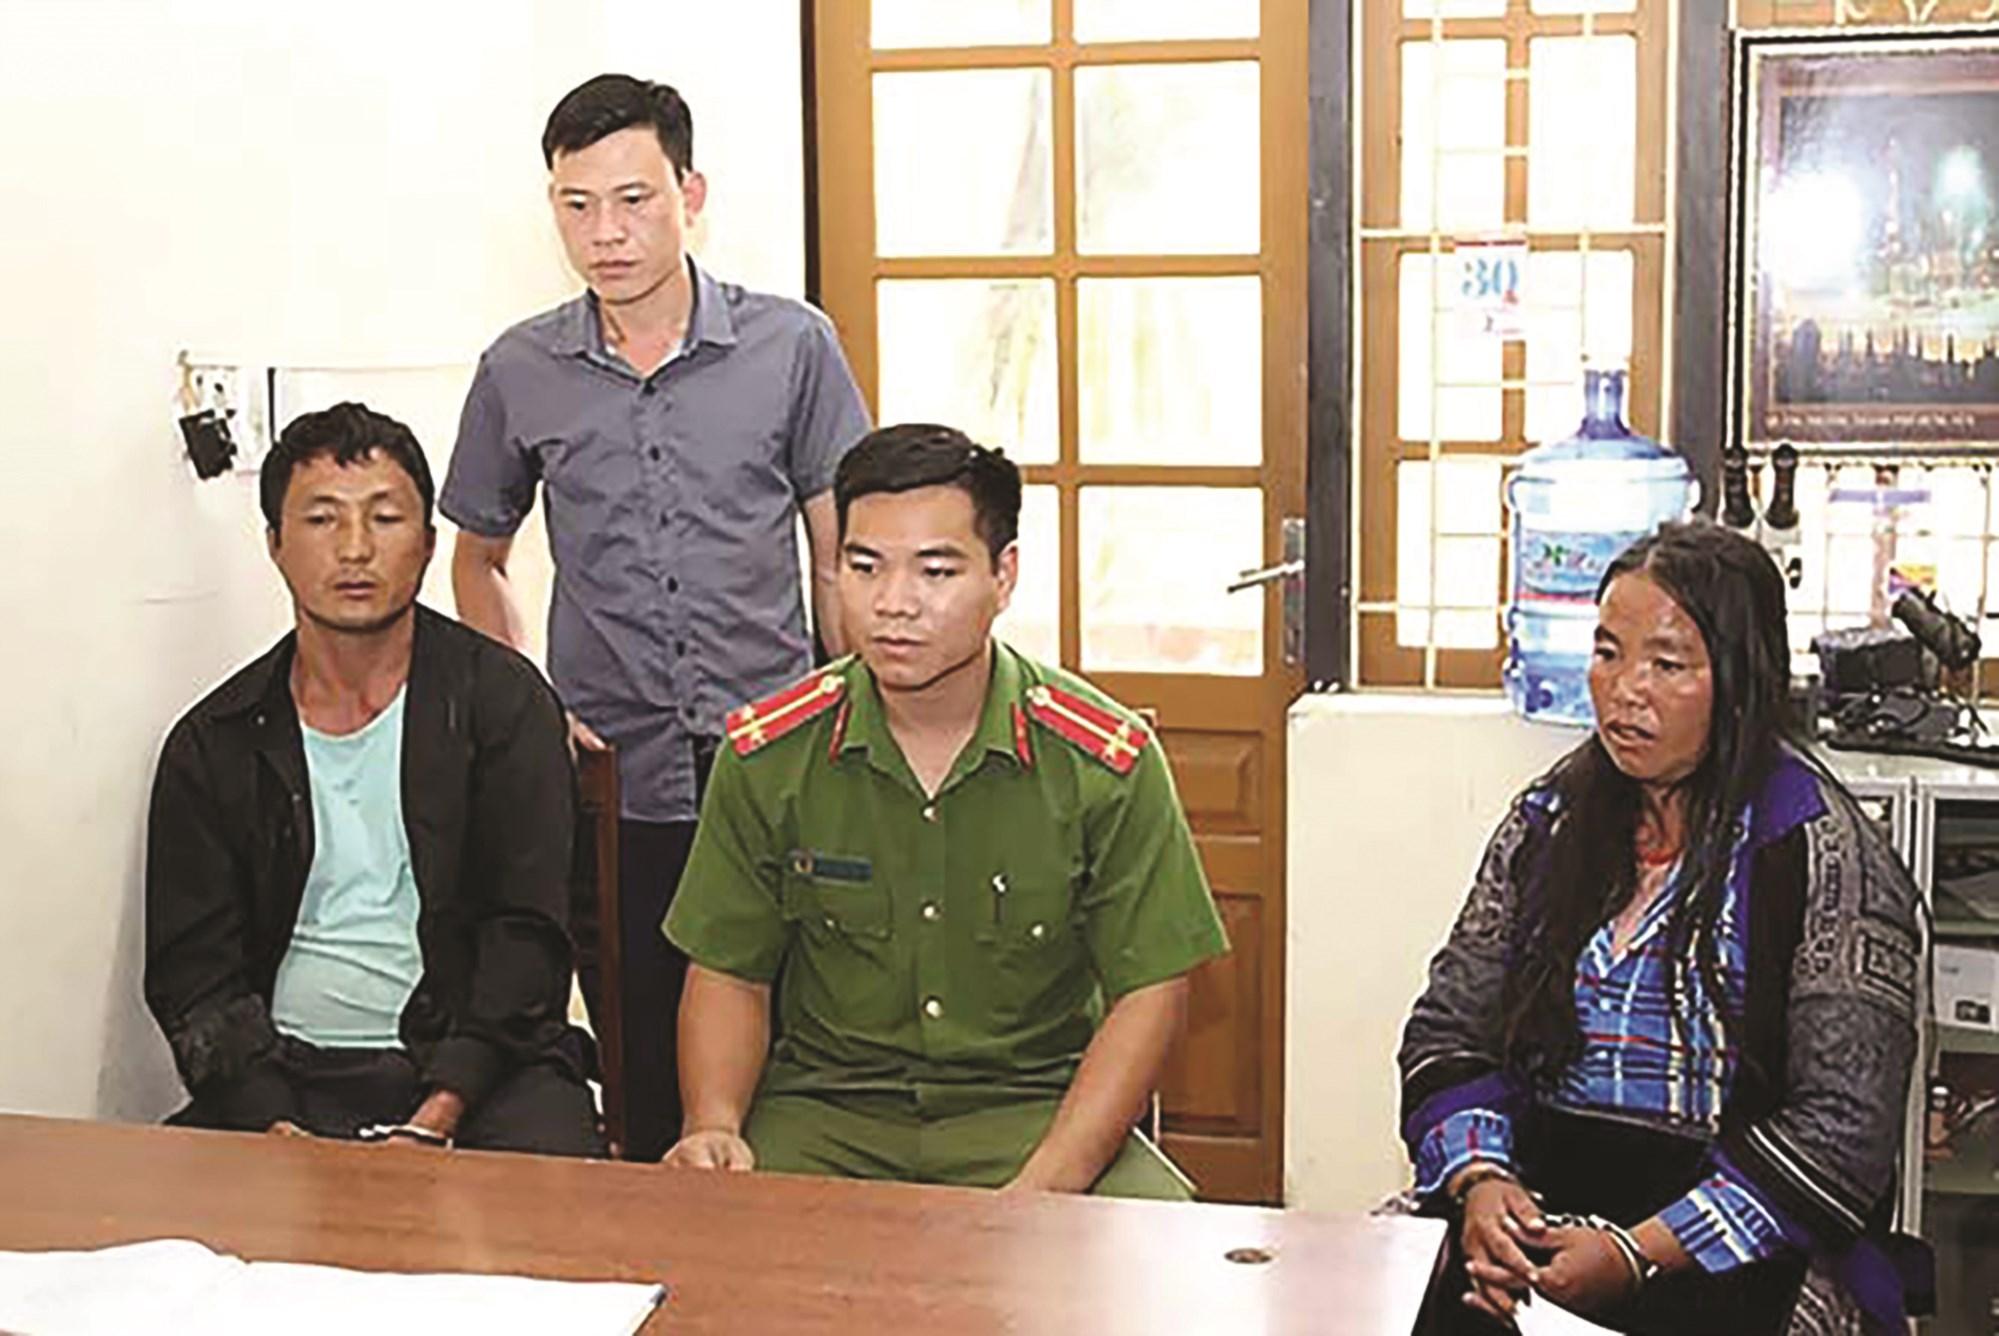 Cán bộ Phòng CSĐT tội phạm về ma túy Công an tỉnh Yên Bái đấu tranh với đối tượng mua bán trái phép chất ma túy.